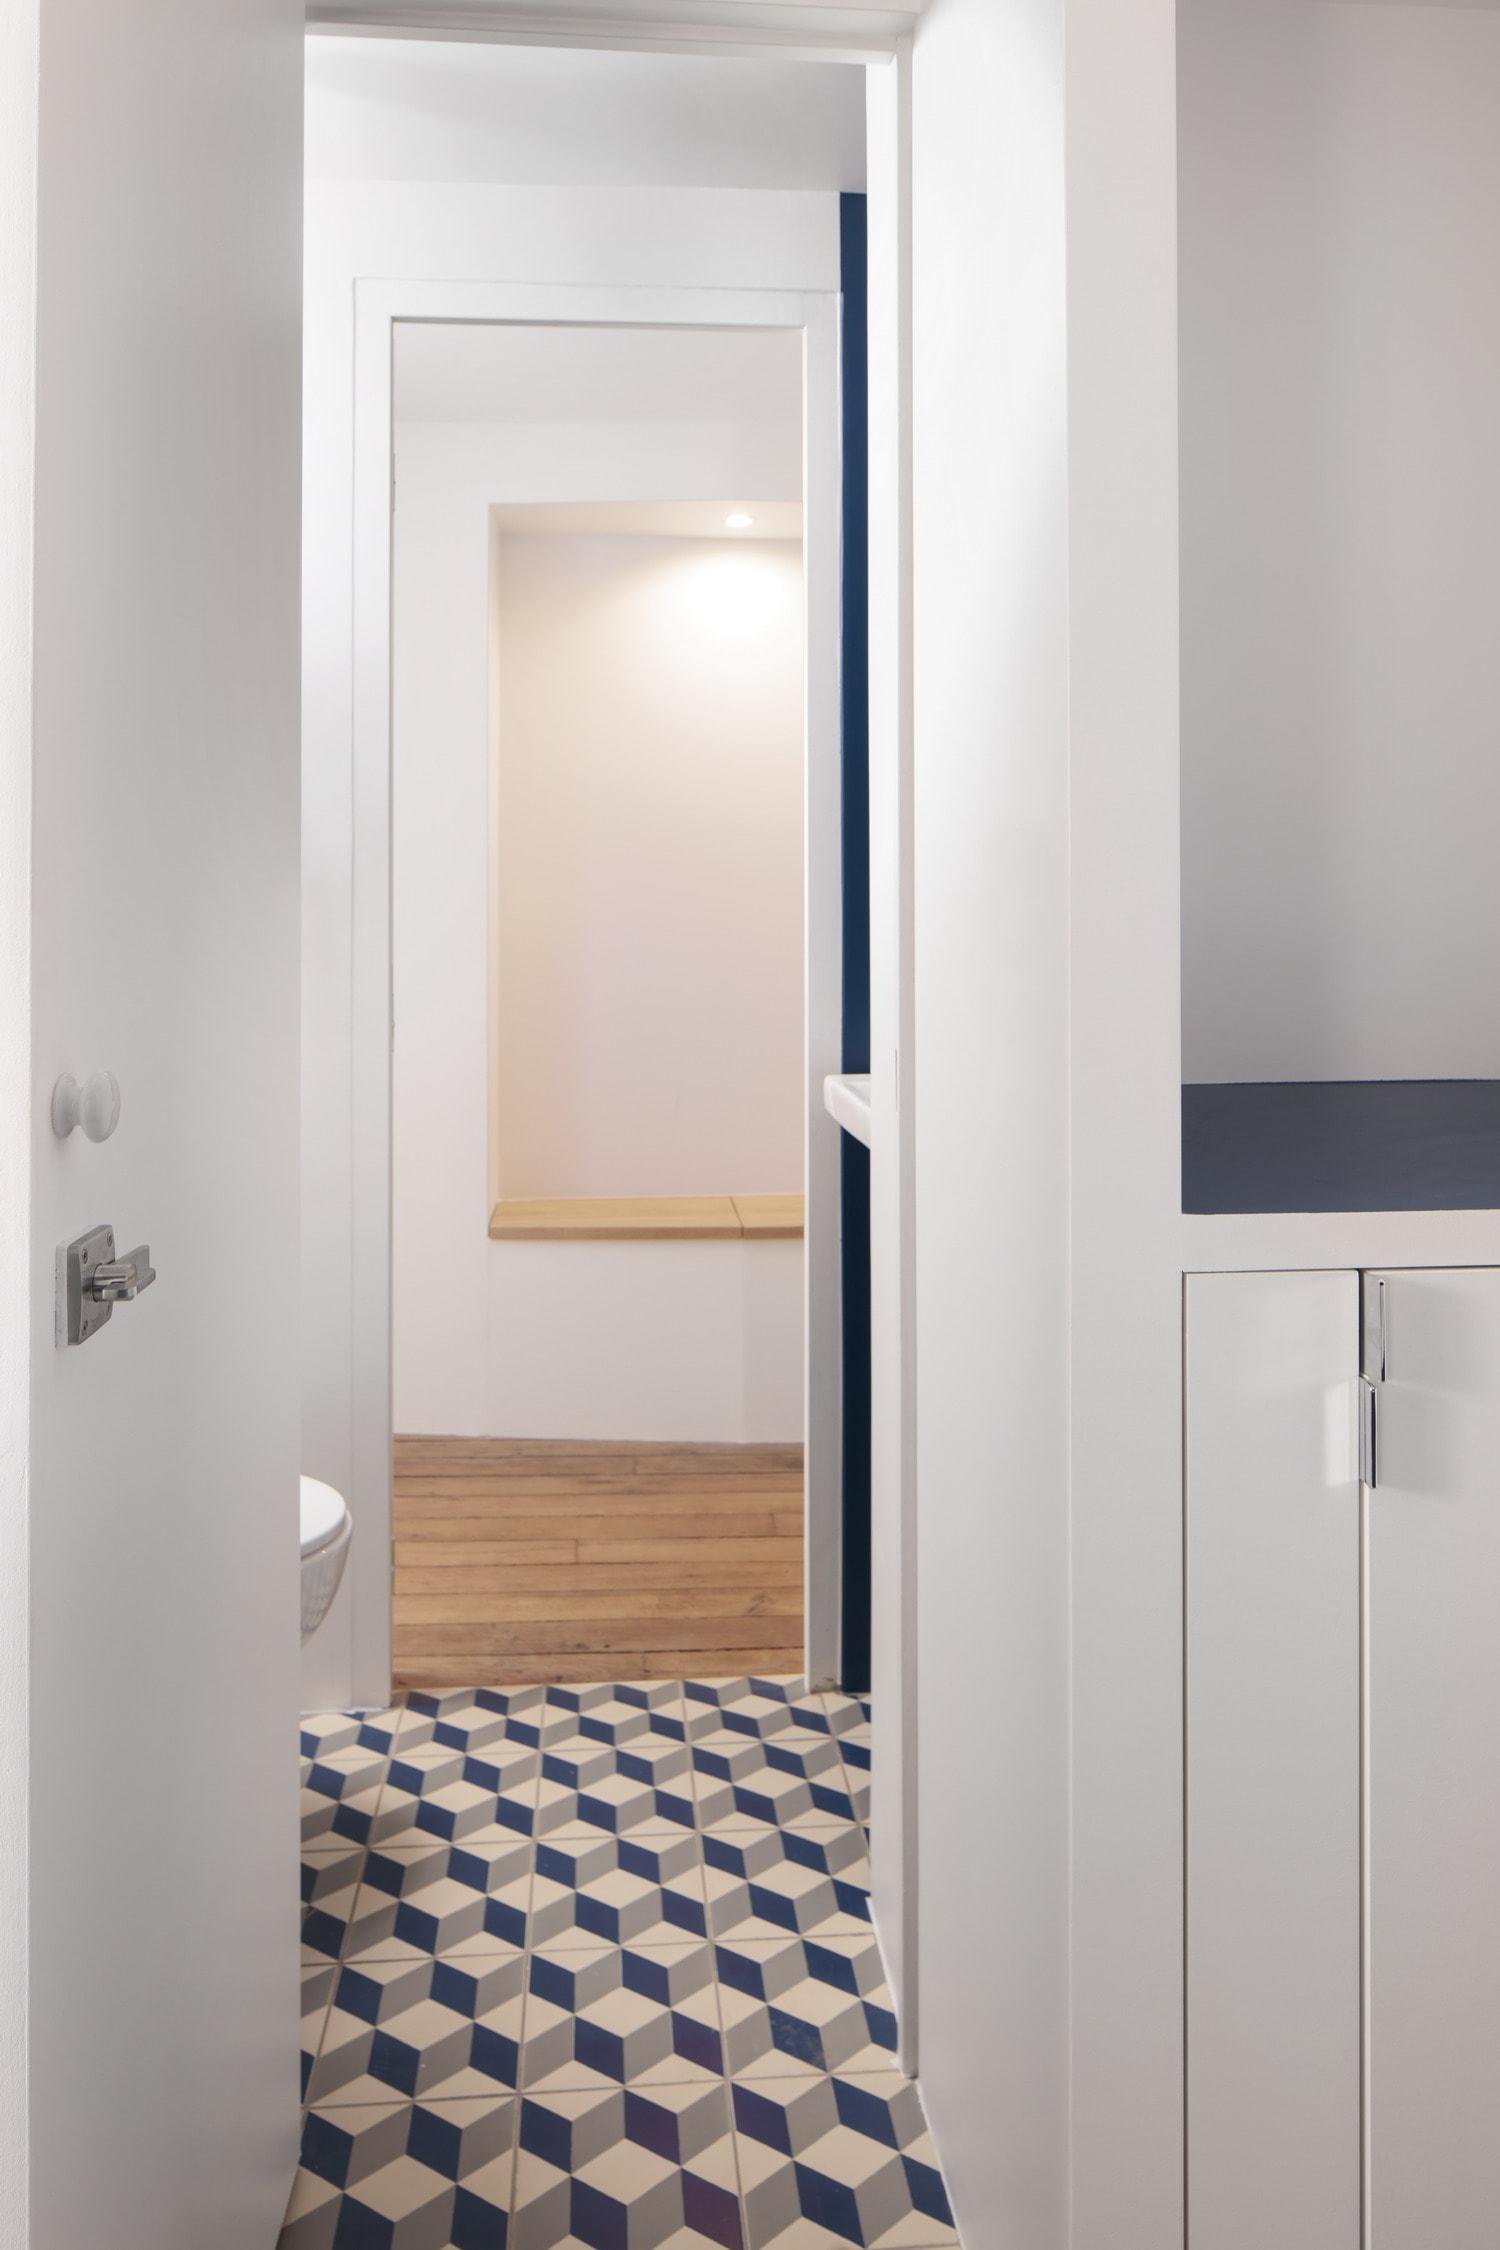 BKBS architectes ; vue de la salle de bain vers l'entrée